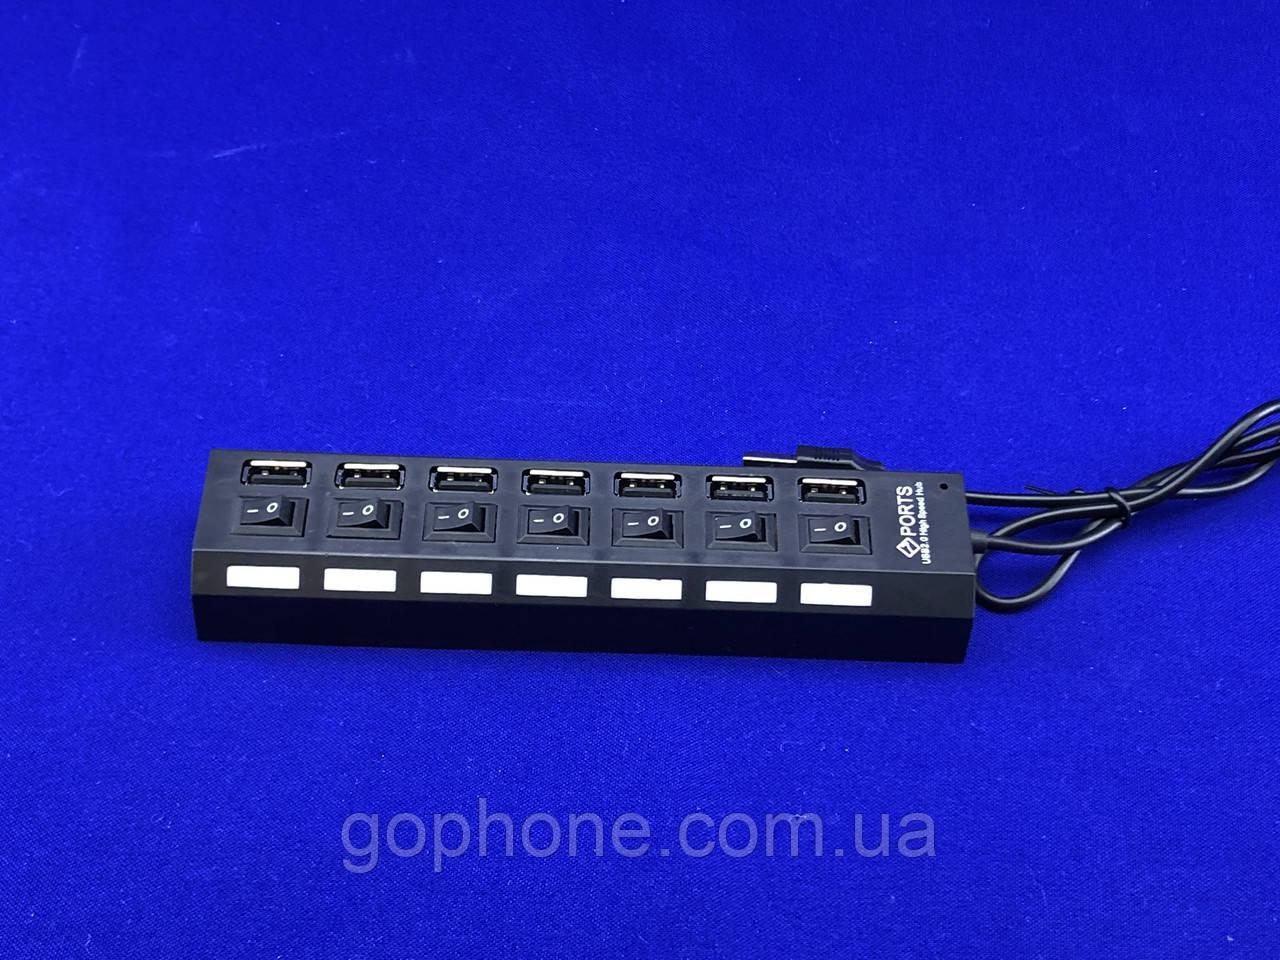 Перехідник USB хаб на 8 портів з перемикачем Hub8USB